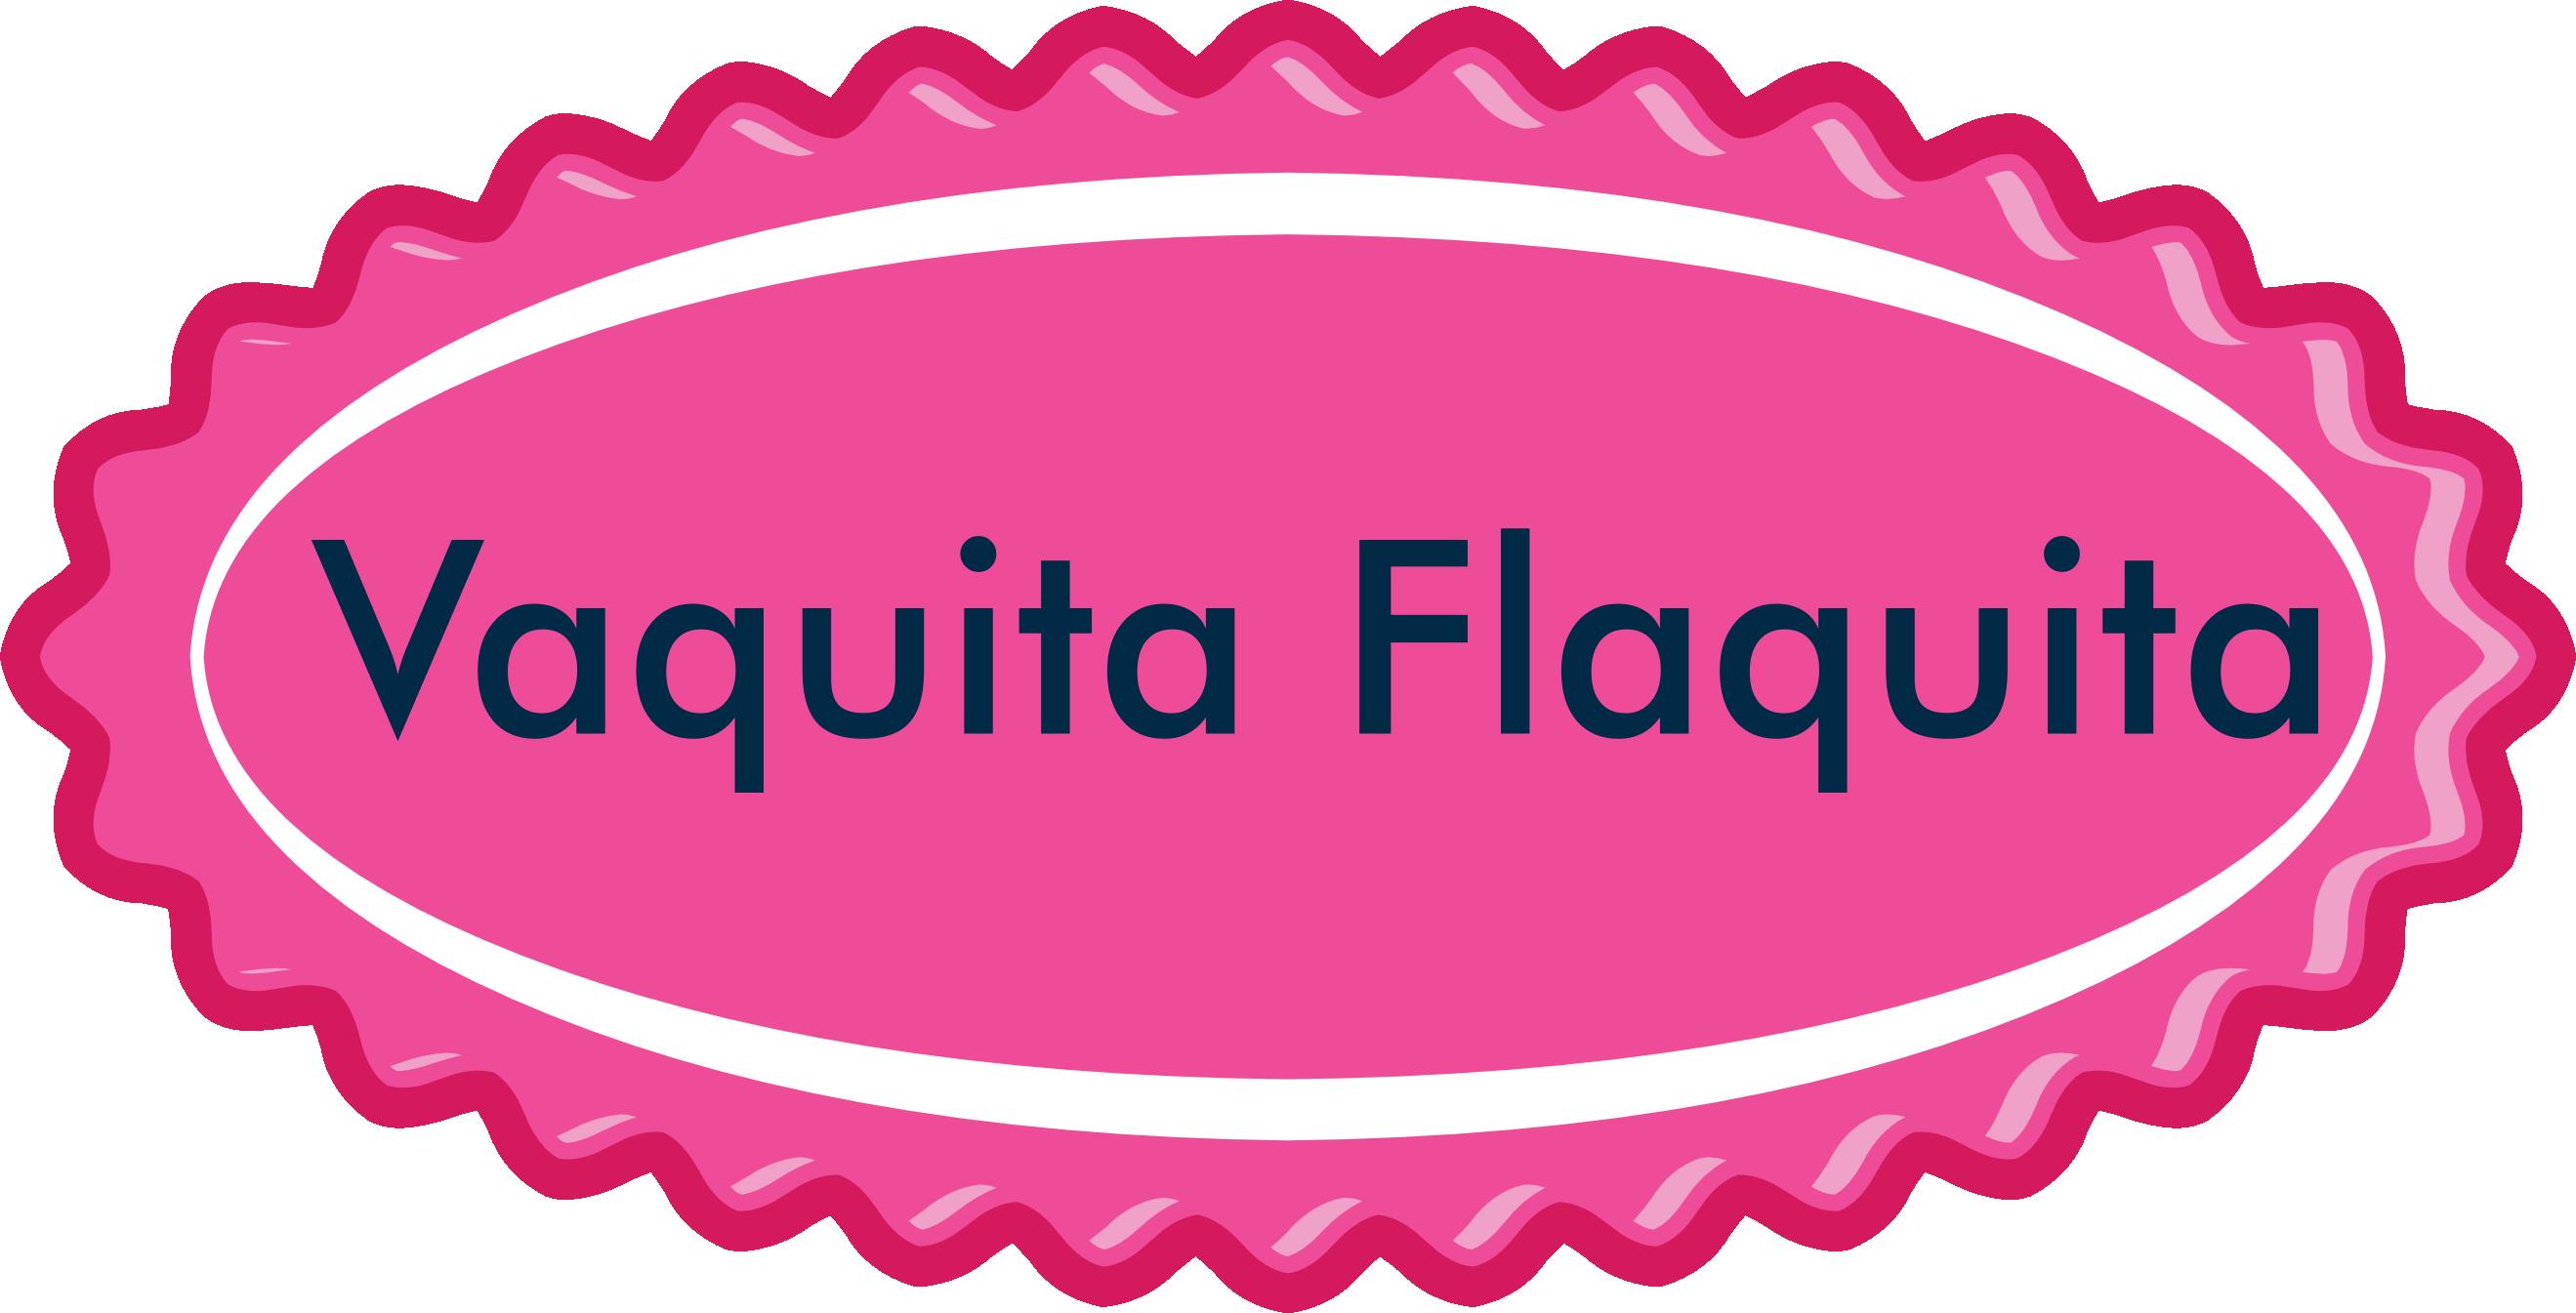 Vaquita Flaquita